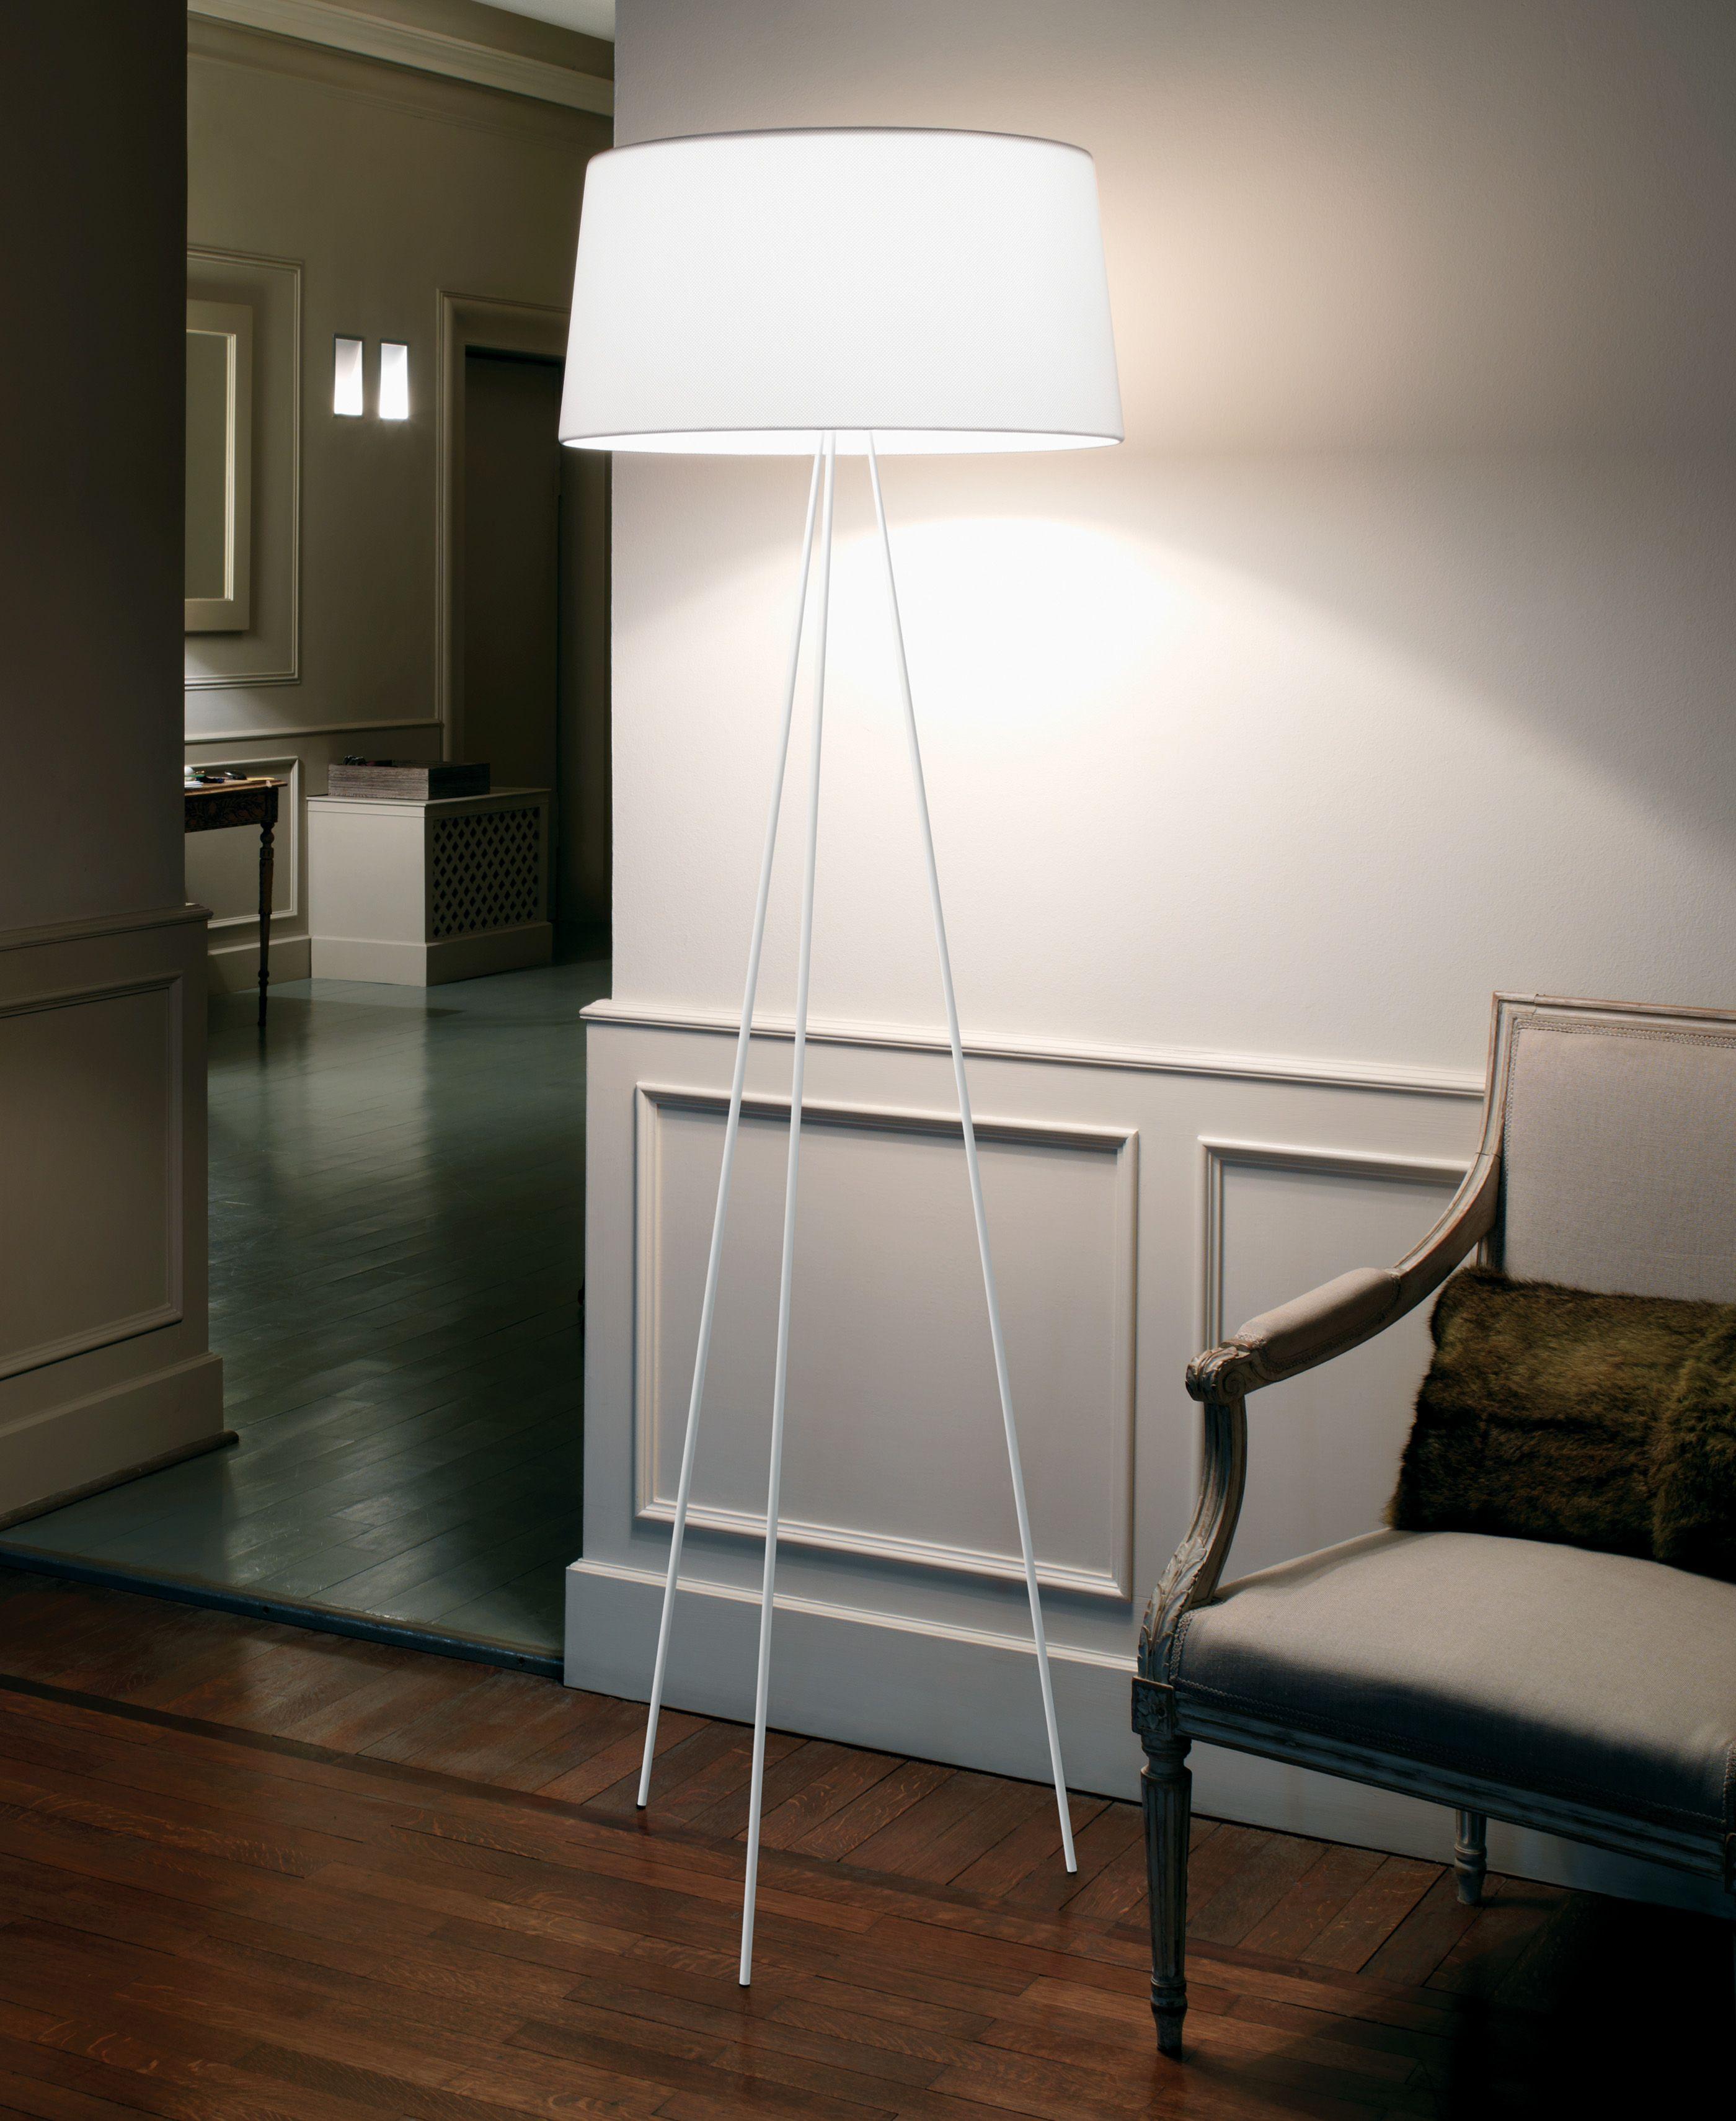 kundalini tripod standleuchte schirm wei als stehlampe direkt online bestellen alle infos. Black Bedroom Furniture Sets. Home Design Ideas